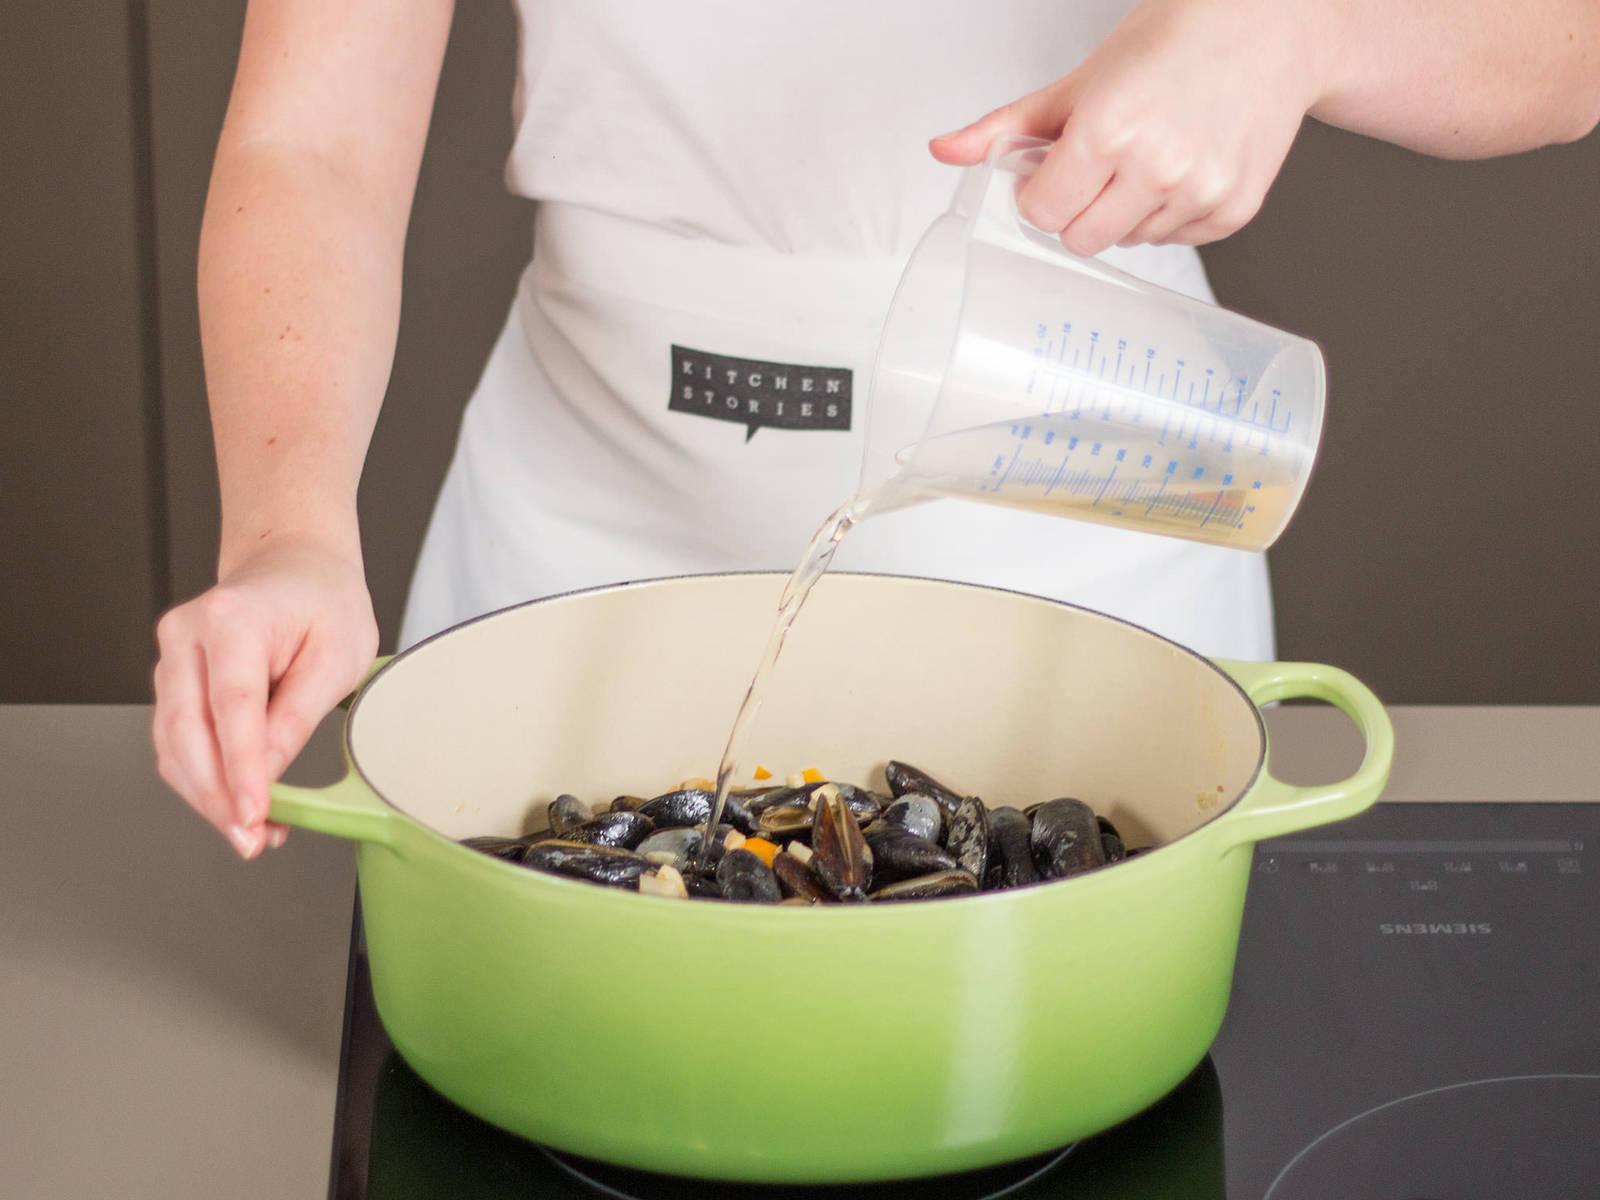 在厚底汤锅中,中火加热些许植物油,翻炒蔬菜丁,直至它们稍微变棕色。放入贻贝,撒盐与胡椒调味。倒入白葡萄酒,盖上盖子,中火煮5分钟。大部分贻贝都浮到表面后即可捞出,去掉未上浮的贻贝,因为这说明它们不新鲜。保留汤水。